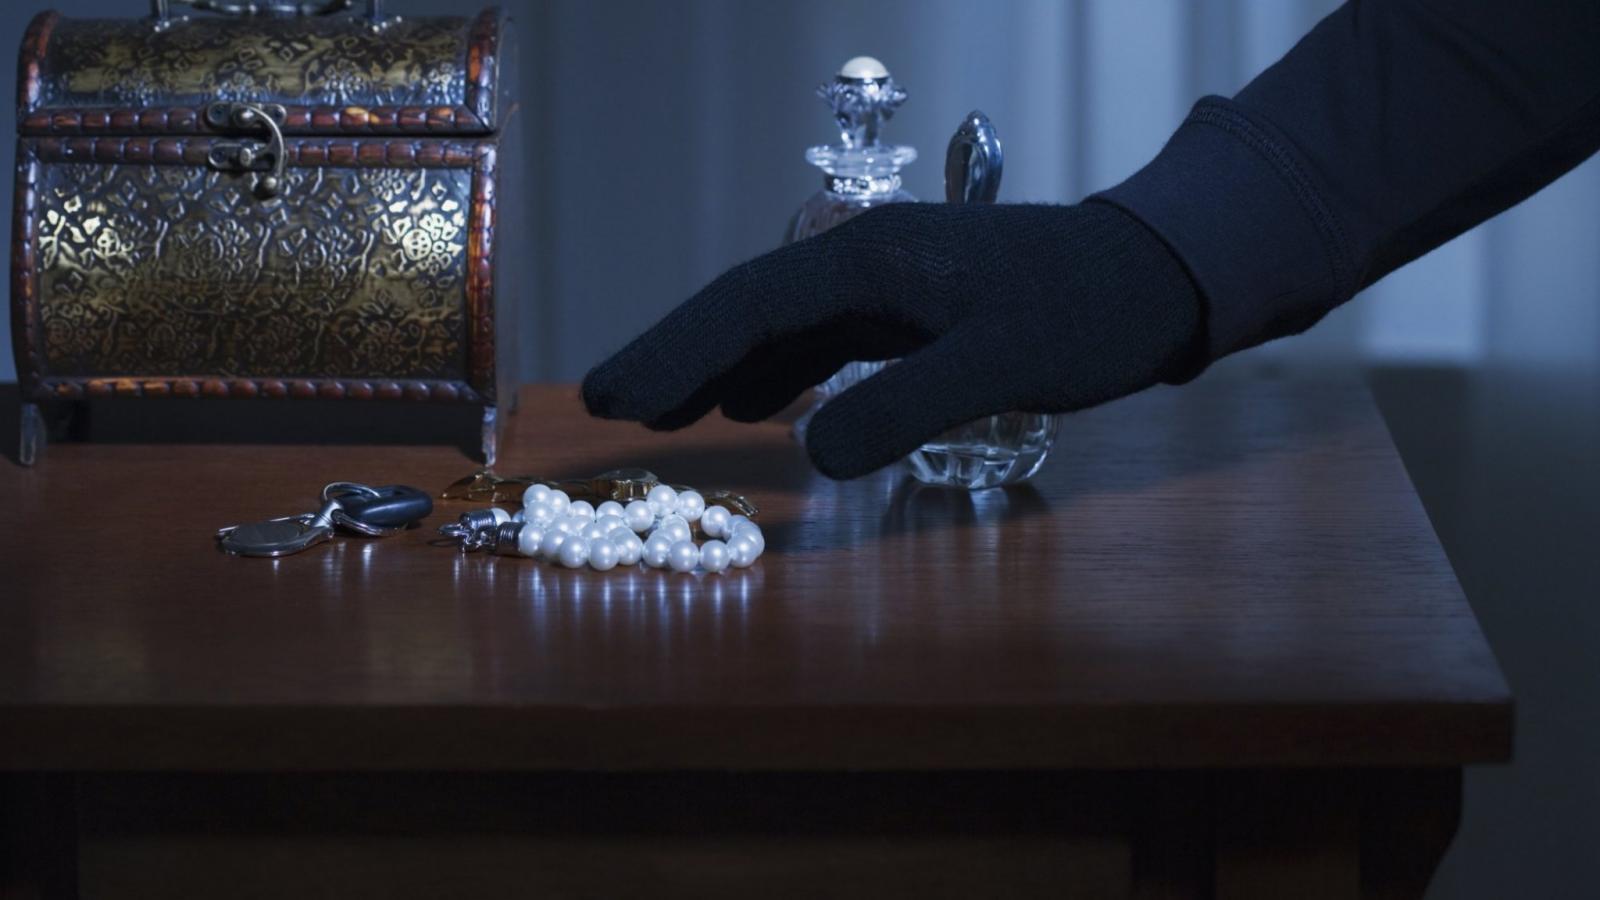 Жители Погара пытались похитить ювелирные украшению стоимостью 5 млн рублей